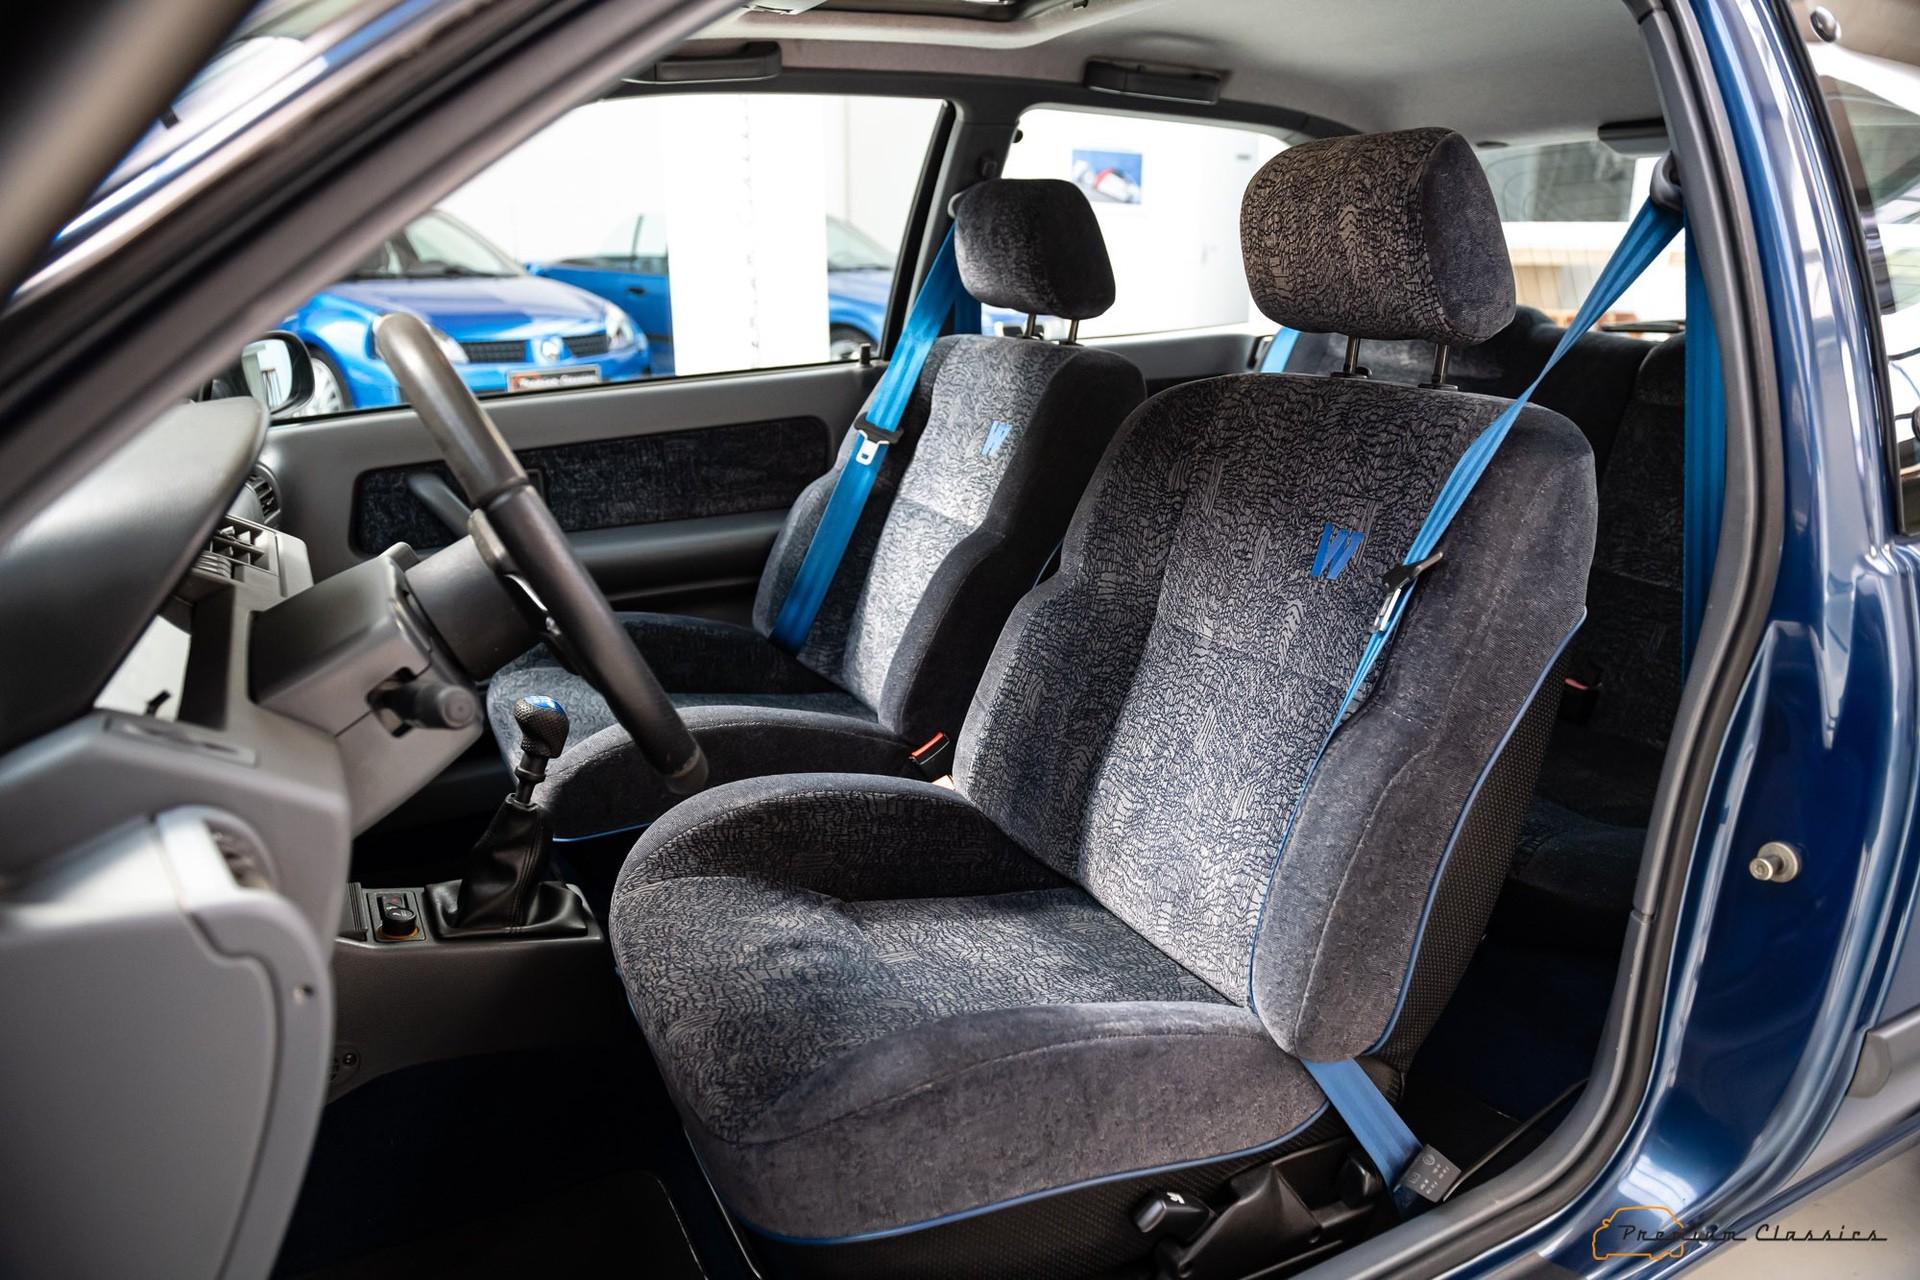 Renault_Clio_Williams_sale-0045